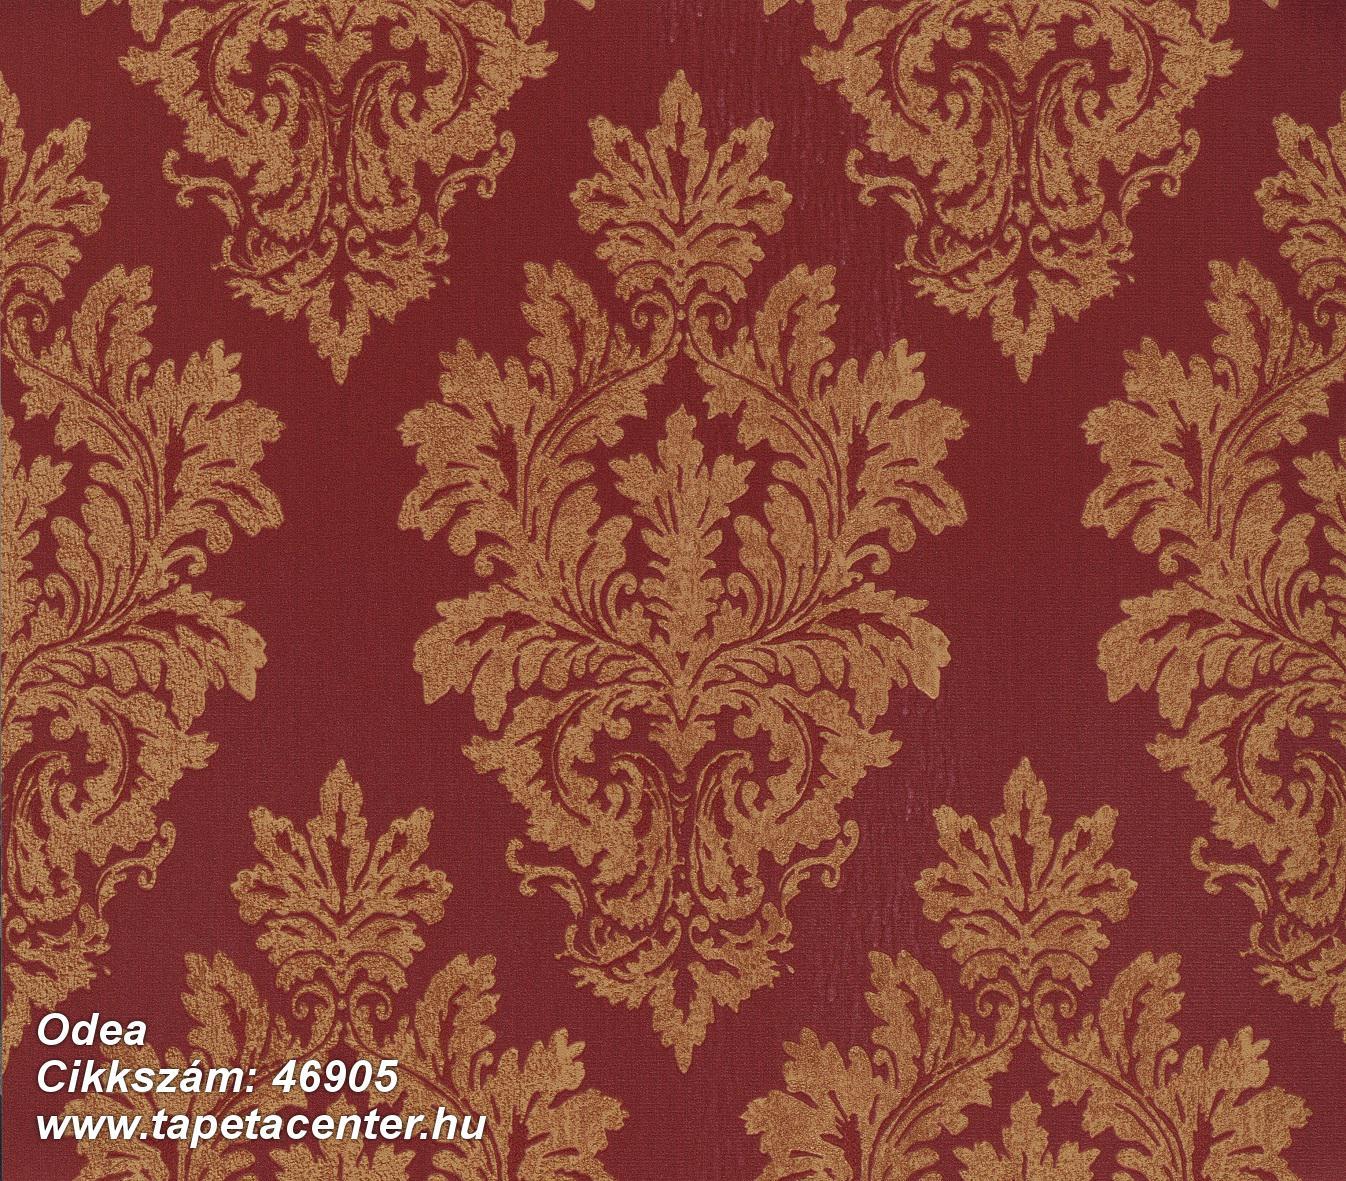 Odea - 46905 Olasz tapéta